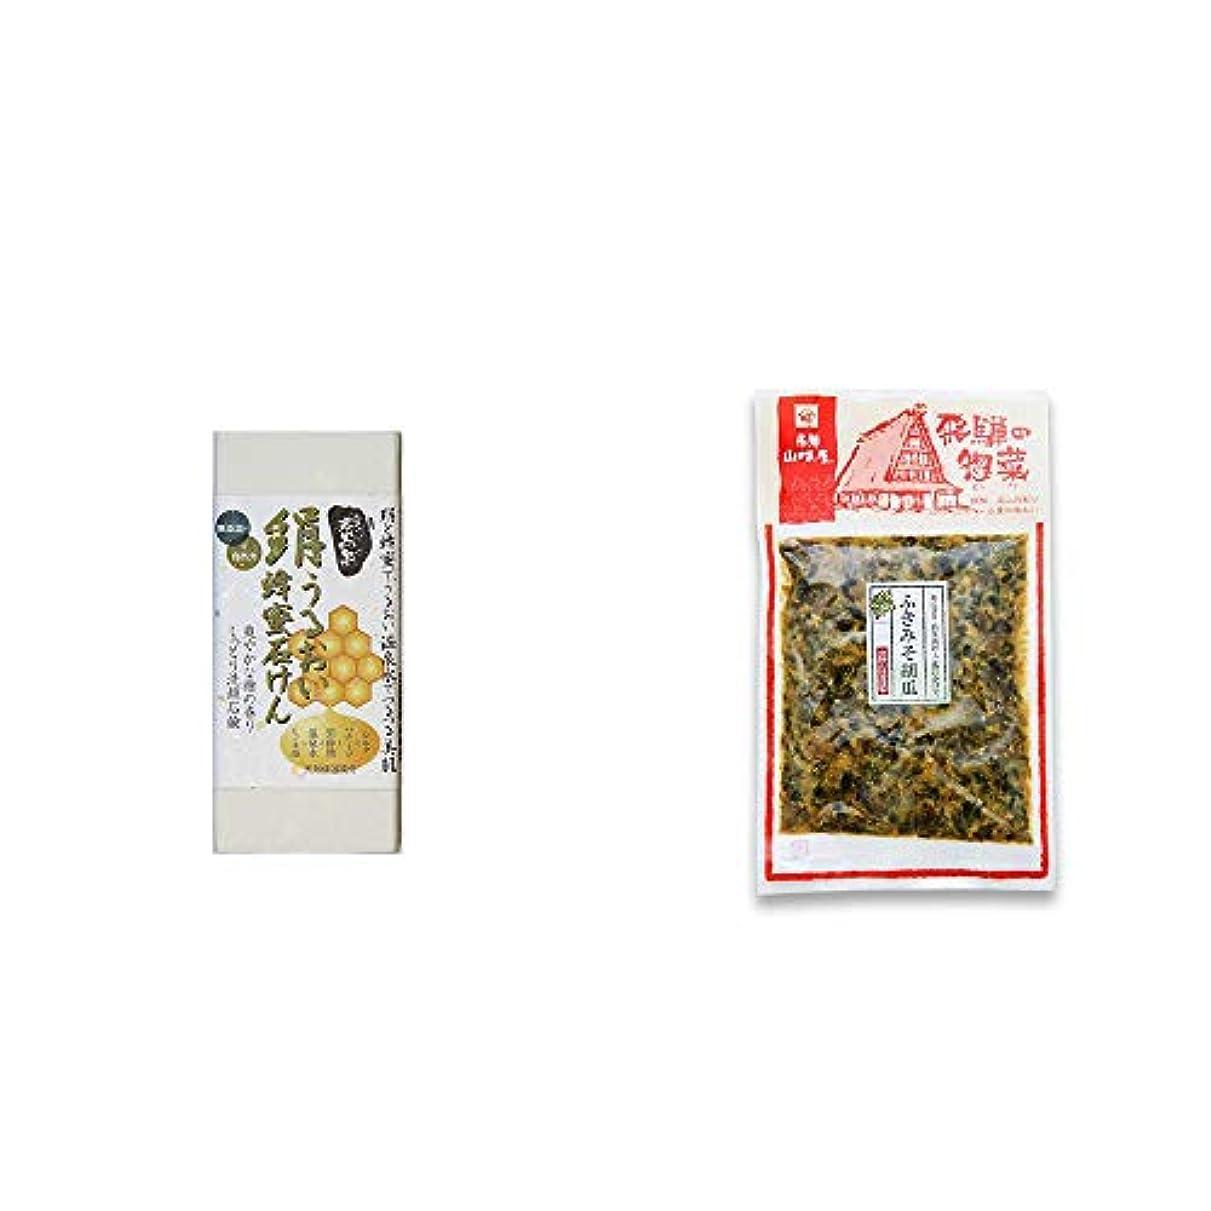 仲人本葉っぱ[2点セット] ひのき炭黒泉 絹うるおい蜂蜜石けん(75g×2)?飛騨山味屋 ふきみそ胡瓜(120g)